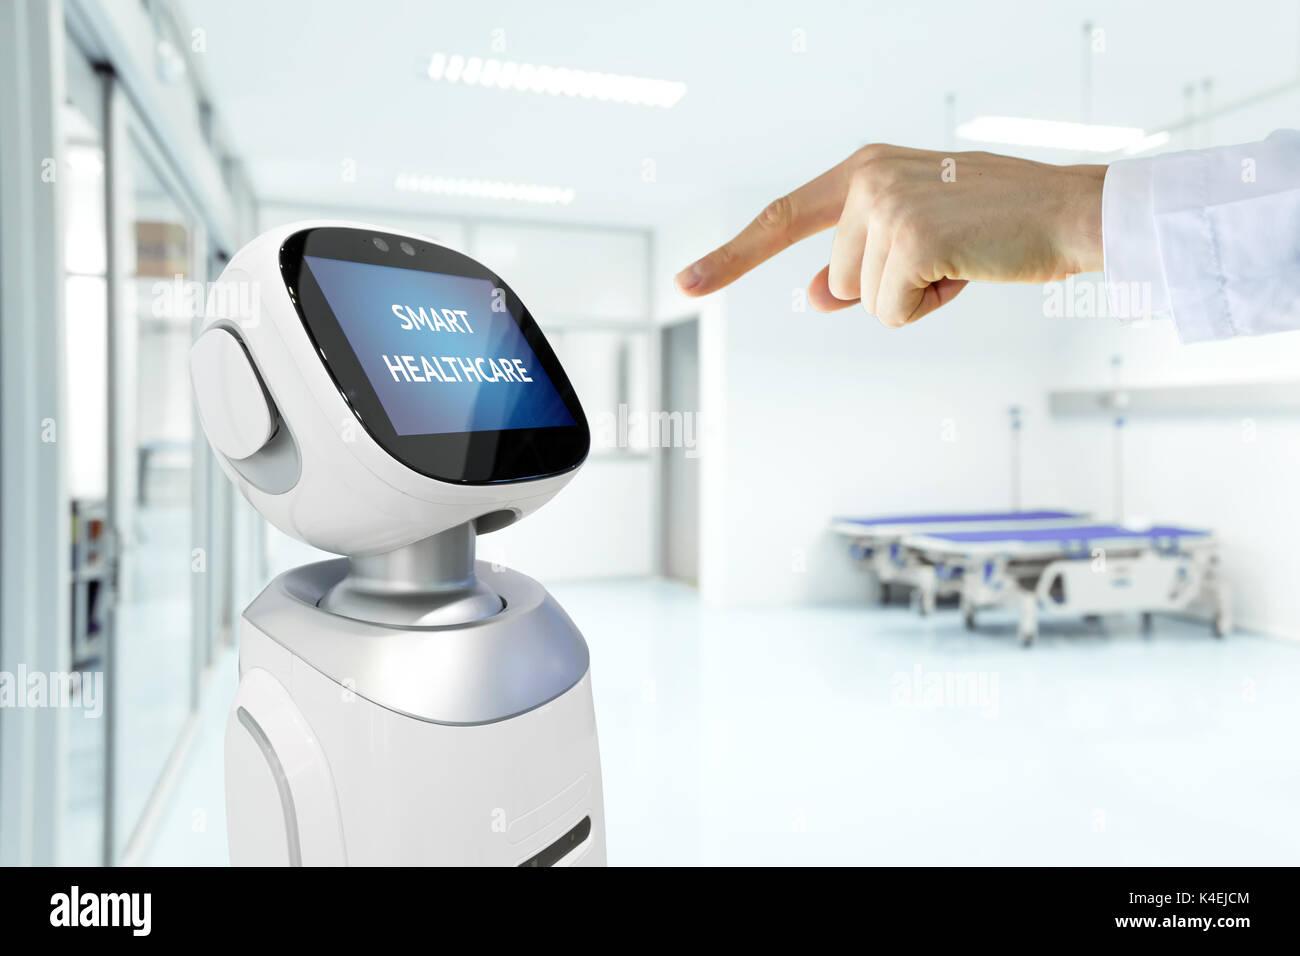 Asesor en tecnología robótica de servicio sanitario , hospital inteligente concepto de inteligencia artificial. Foto de stock